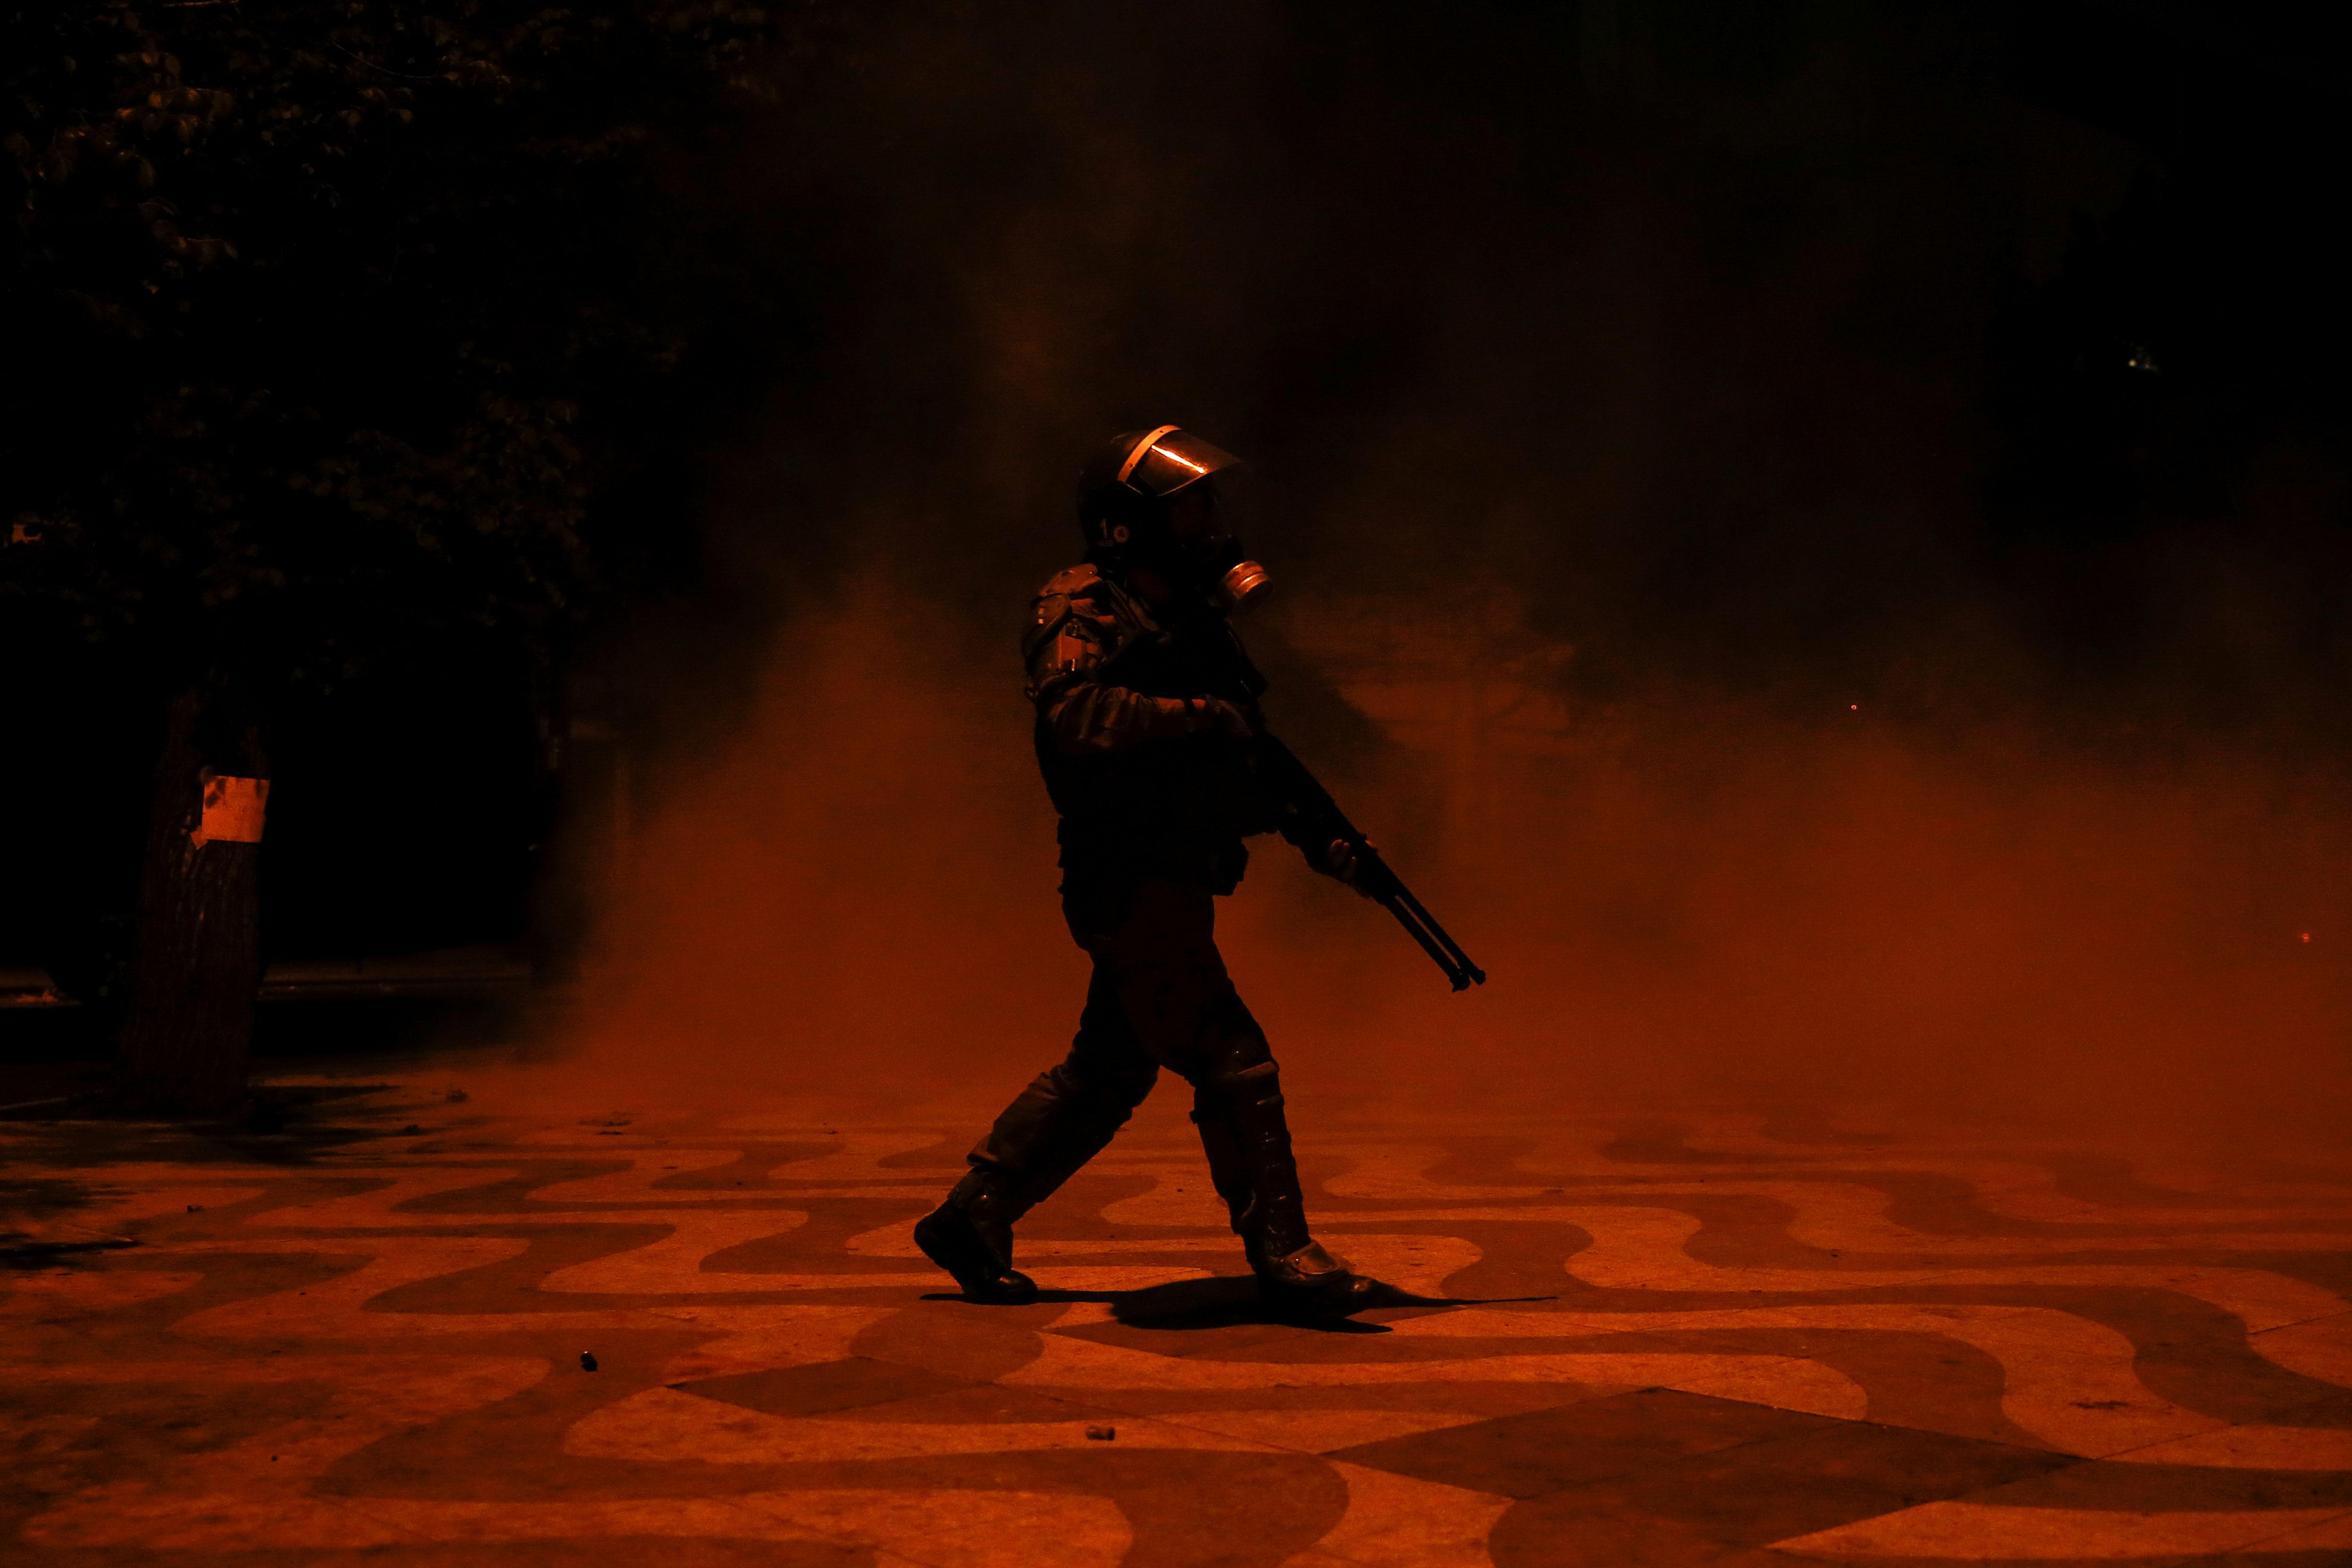 El Gobierno chileno invocó a ley de seguridad del Estado, una legislación que regula los delitos contra la seguridad interior del país y que endurece las penas para aquellos que resulten culpables de los desórdenes y disturbios.